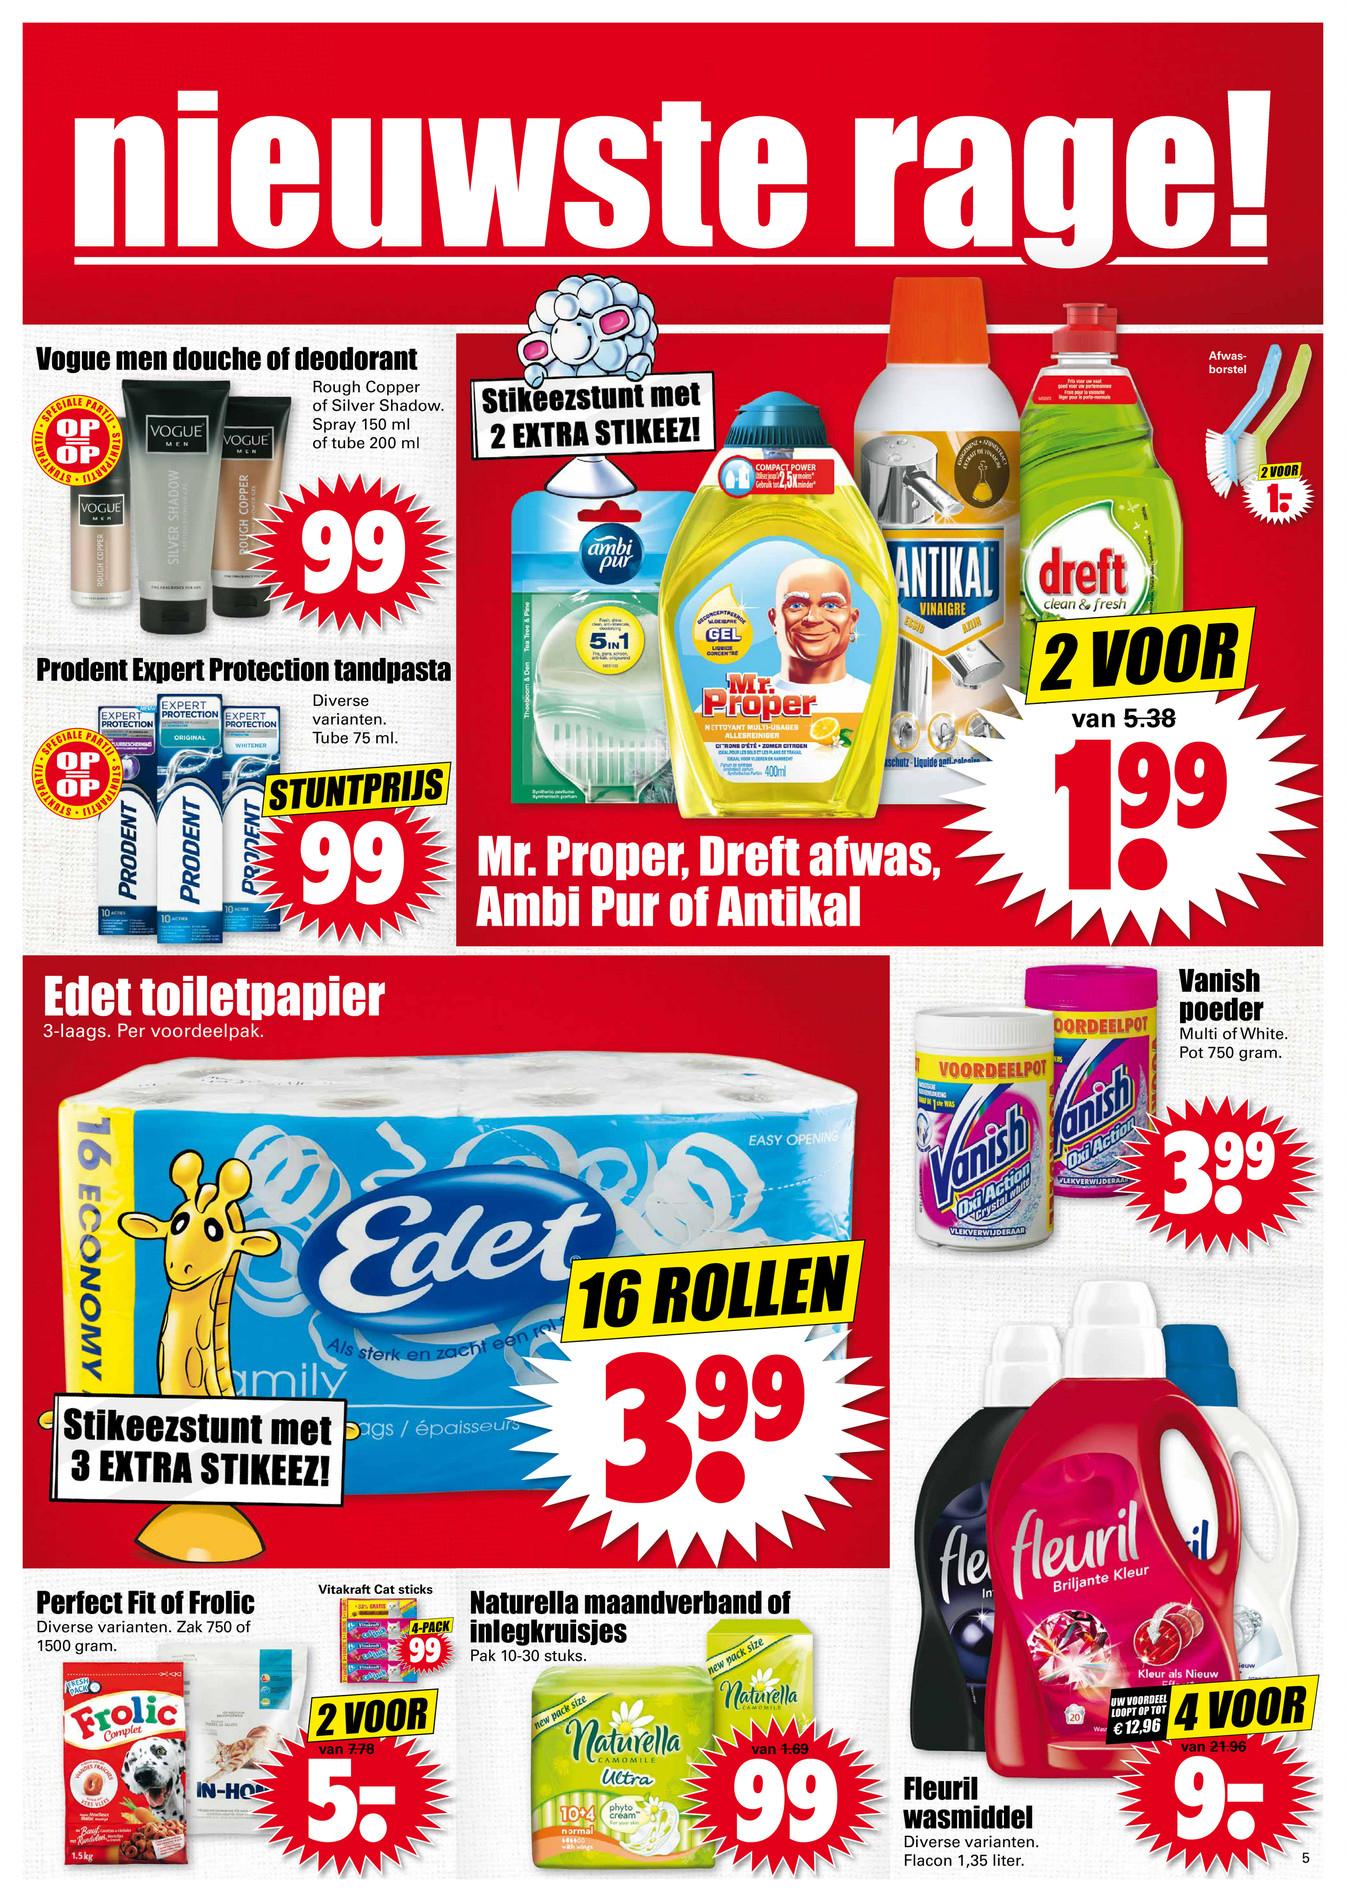 Vier flessen Fleuril Wasmiddel voor €9 @ Dirk